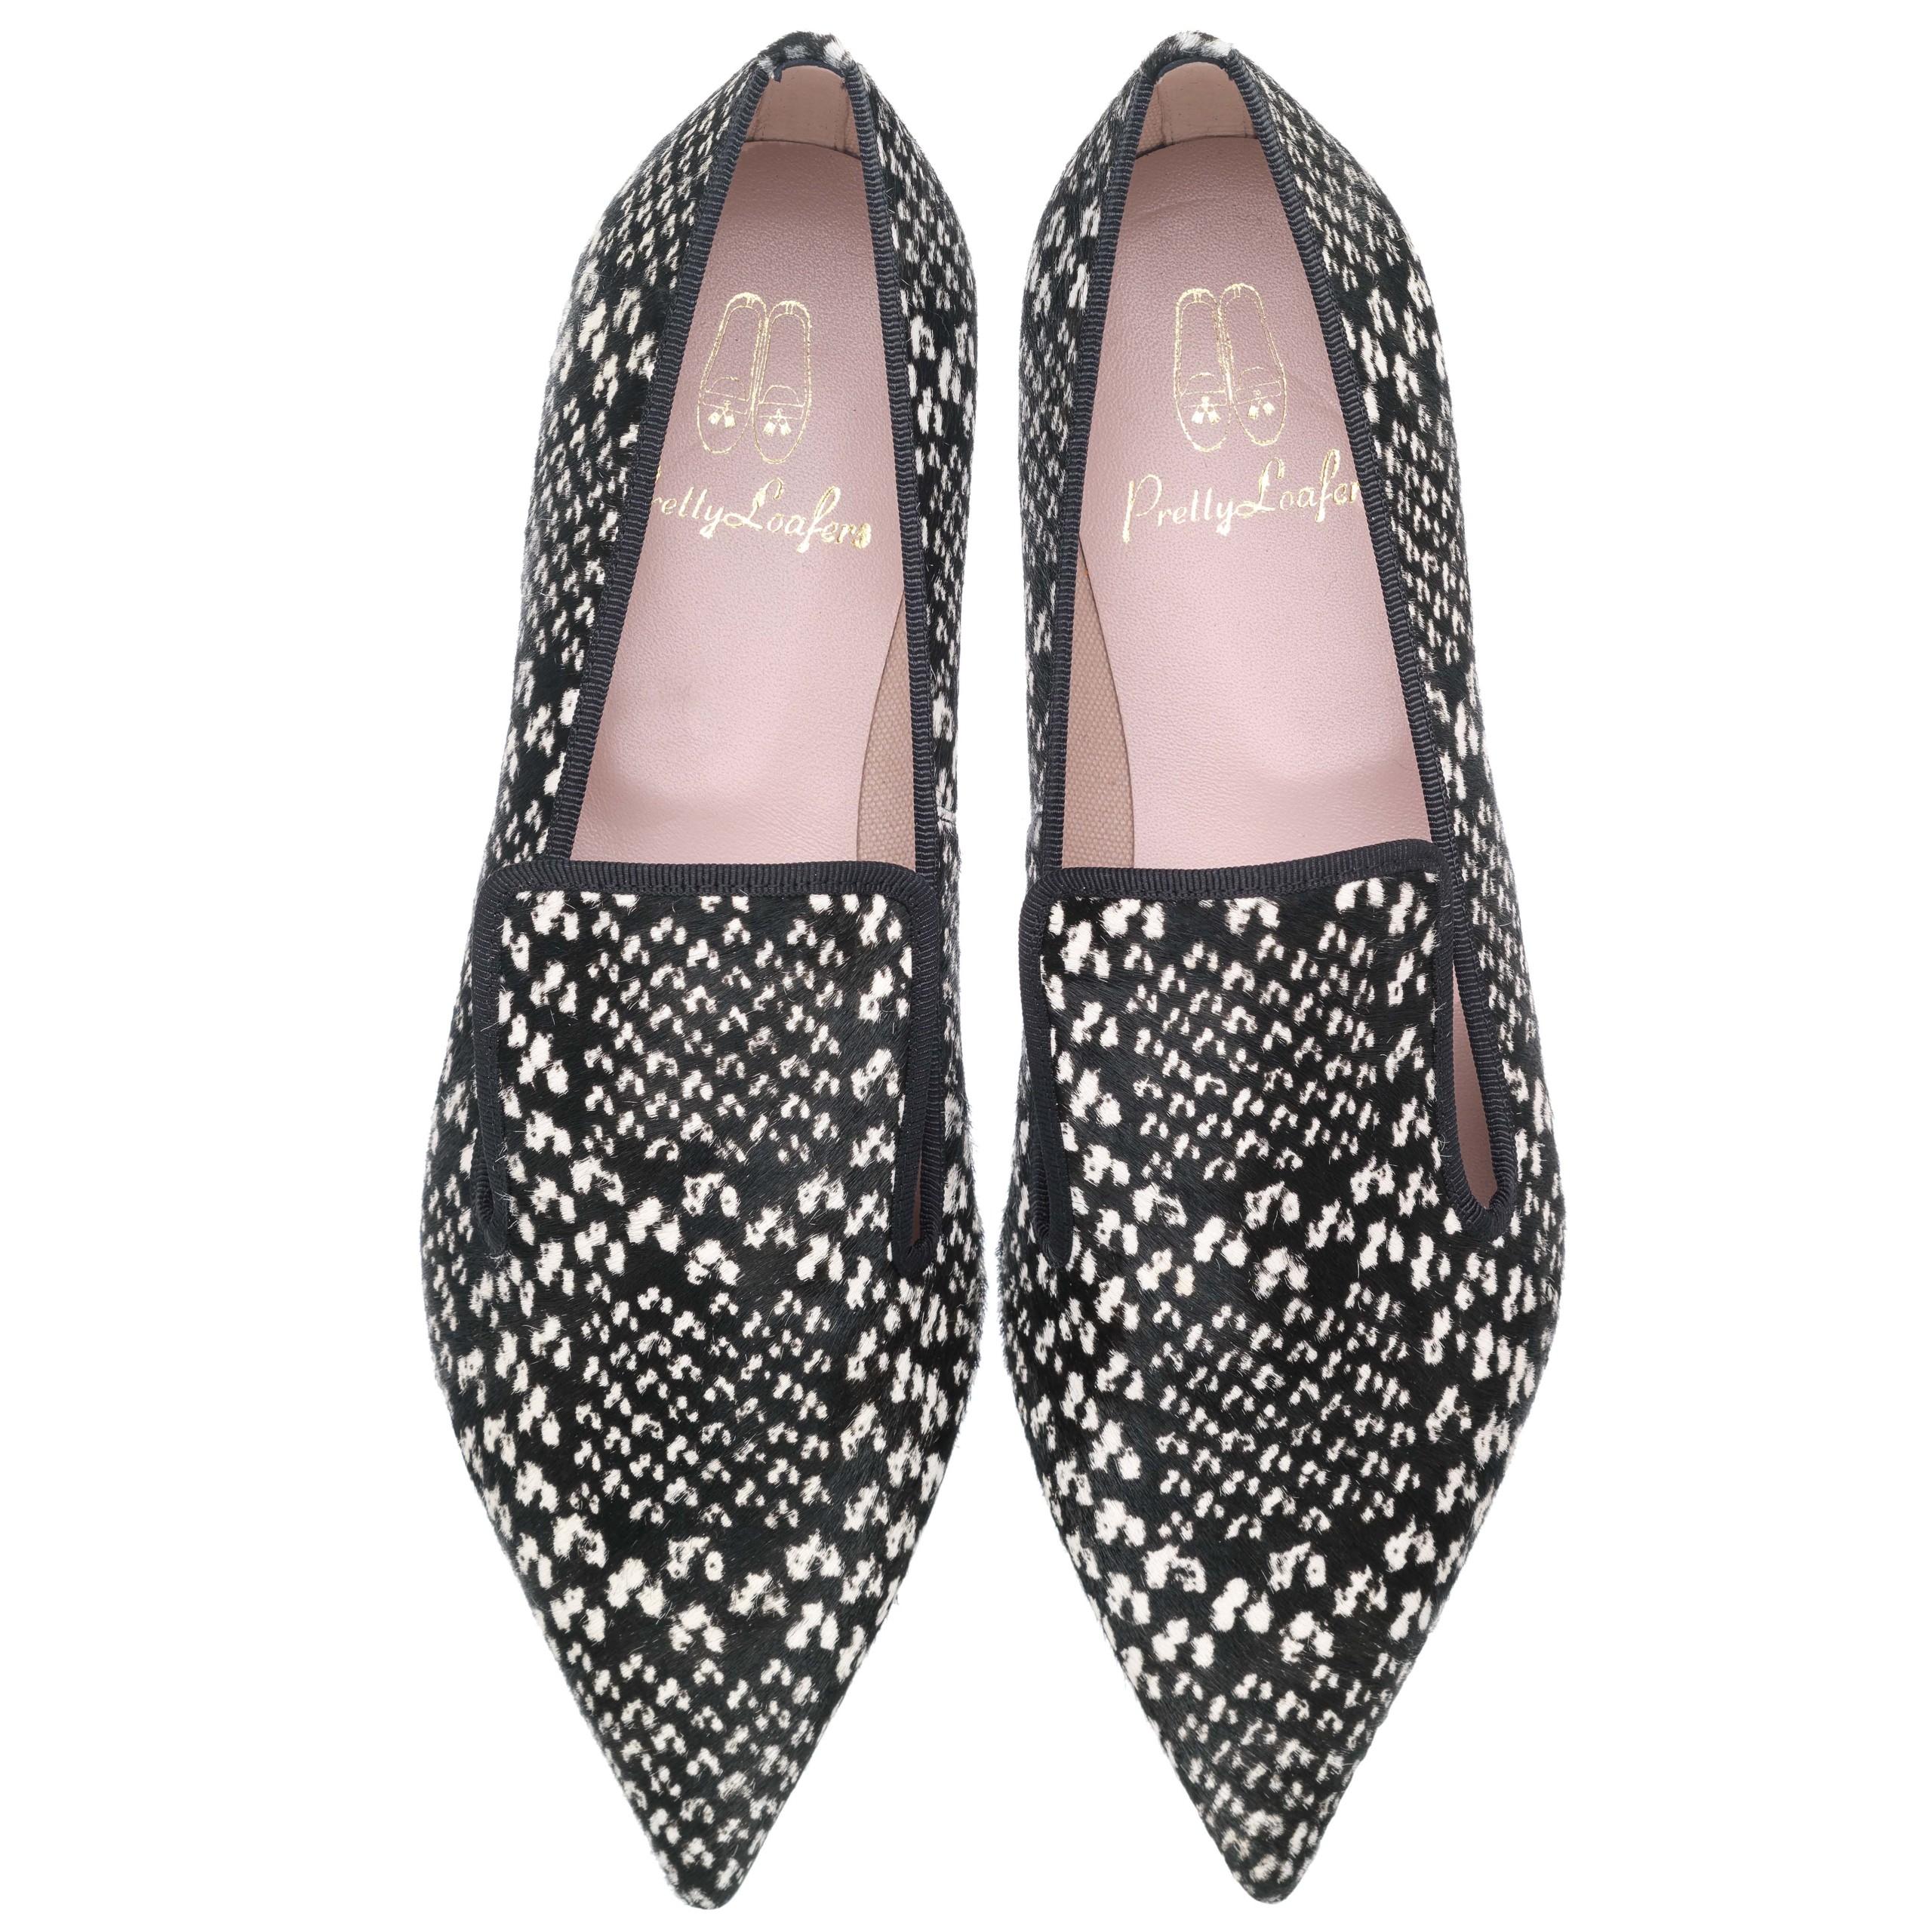 Foto de Pretty Loafers, las slippers necesarias para las incondicionales del calzado plano (7/20)